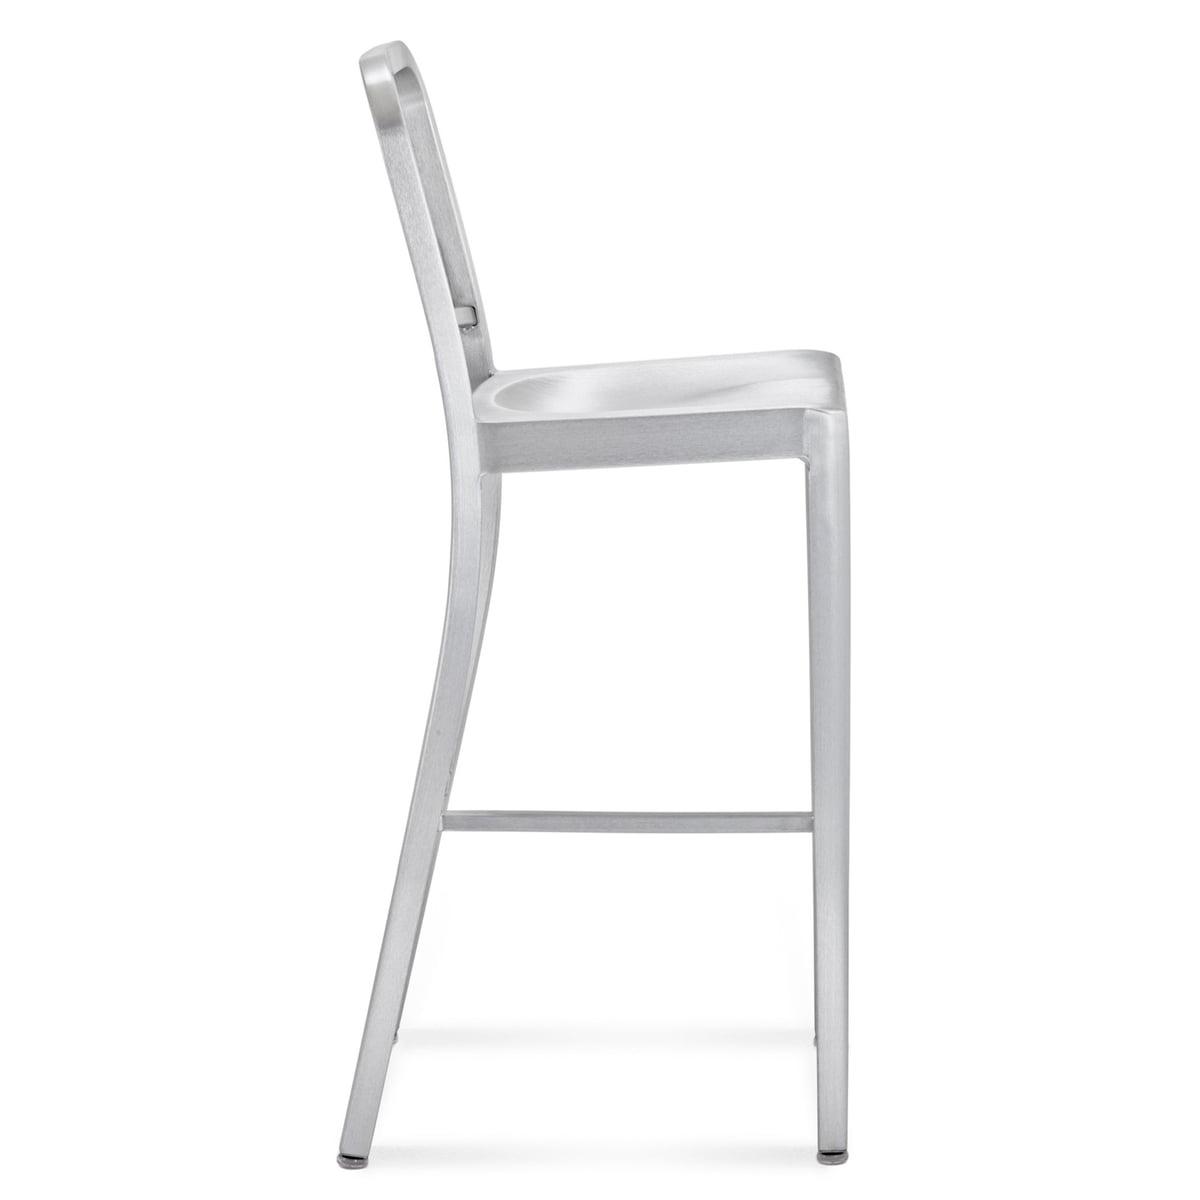 navy bar stool emeco shop. Black Bedroom Furniture Sets. Home Design Ideas